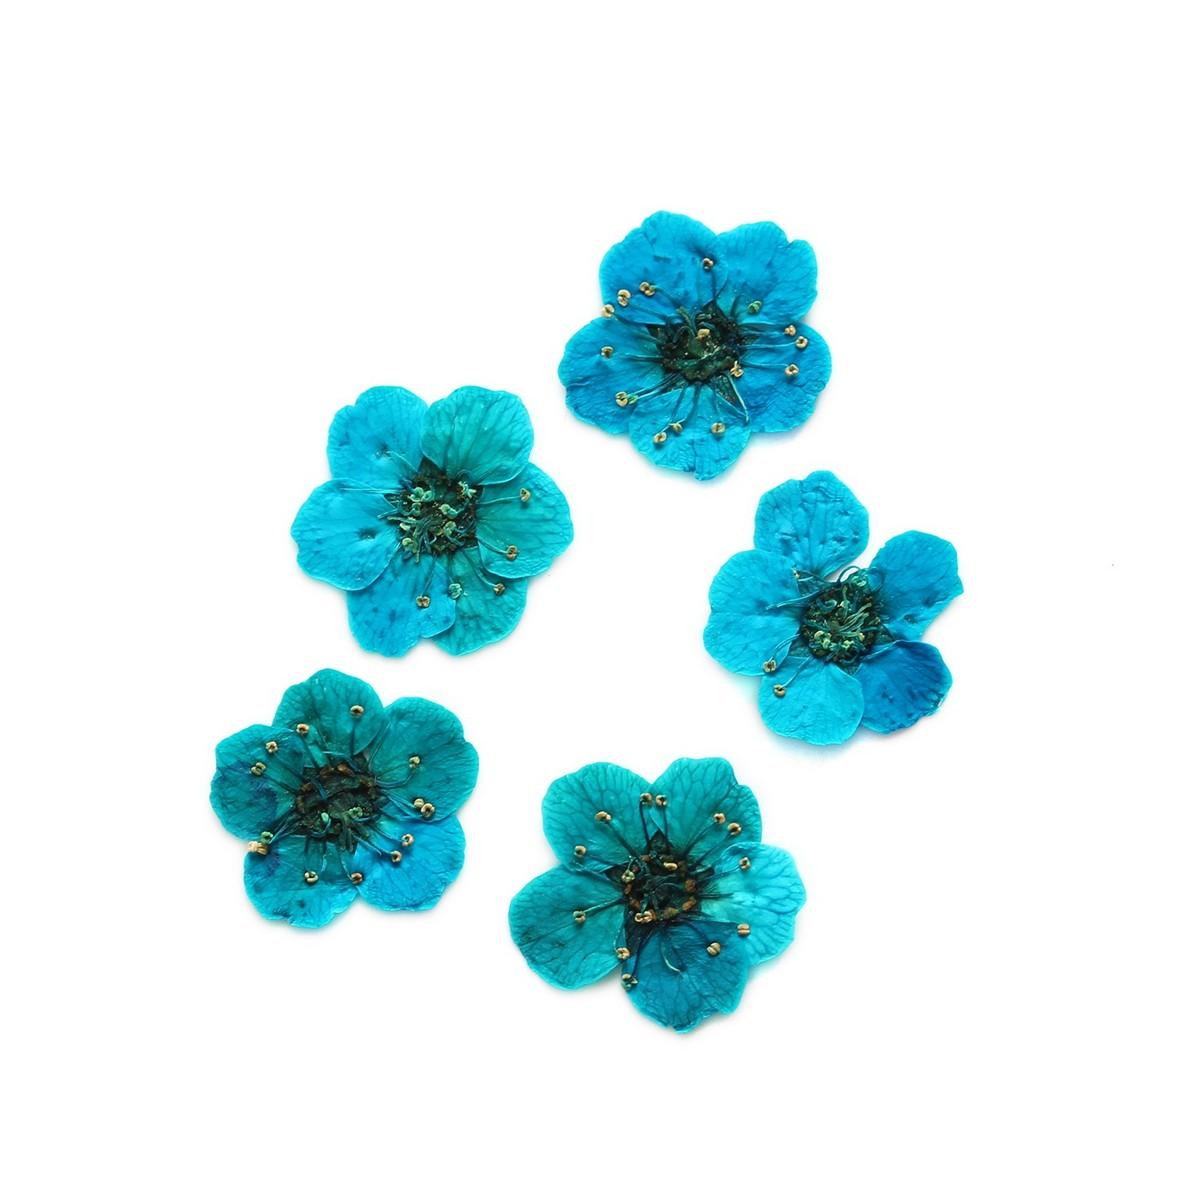 【ドライ】NBK/ドライフラワー コデマリ 約10×10mm ブルー 10枚入/KE1301-BL【01】【01】【取寄】《 ドライフラワー ドライフラワー花材 その他ドライフラワー 》